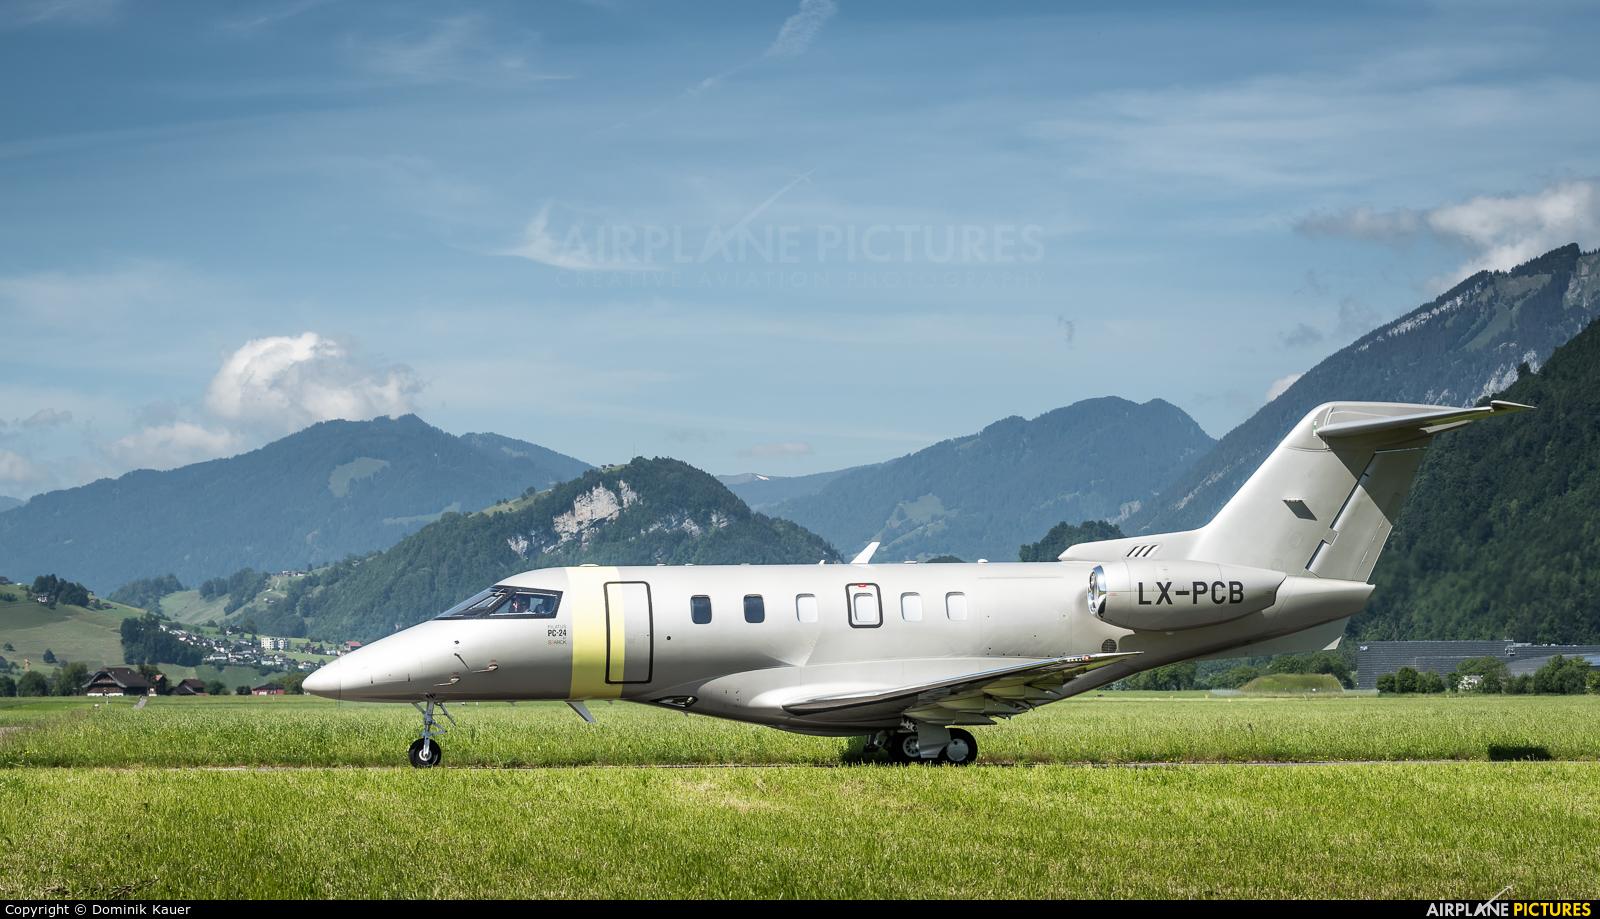 Jetfly Aviation LX-PCB aircraft at Buochs